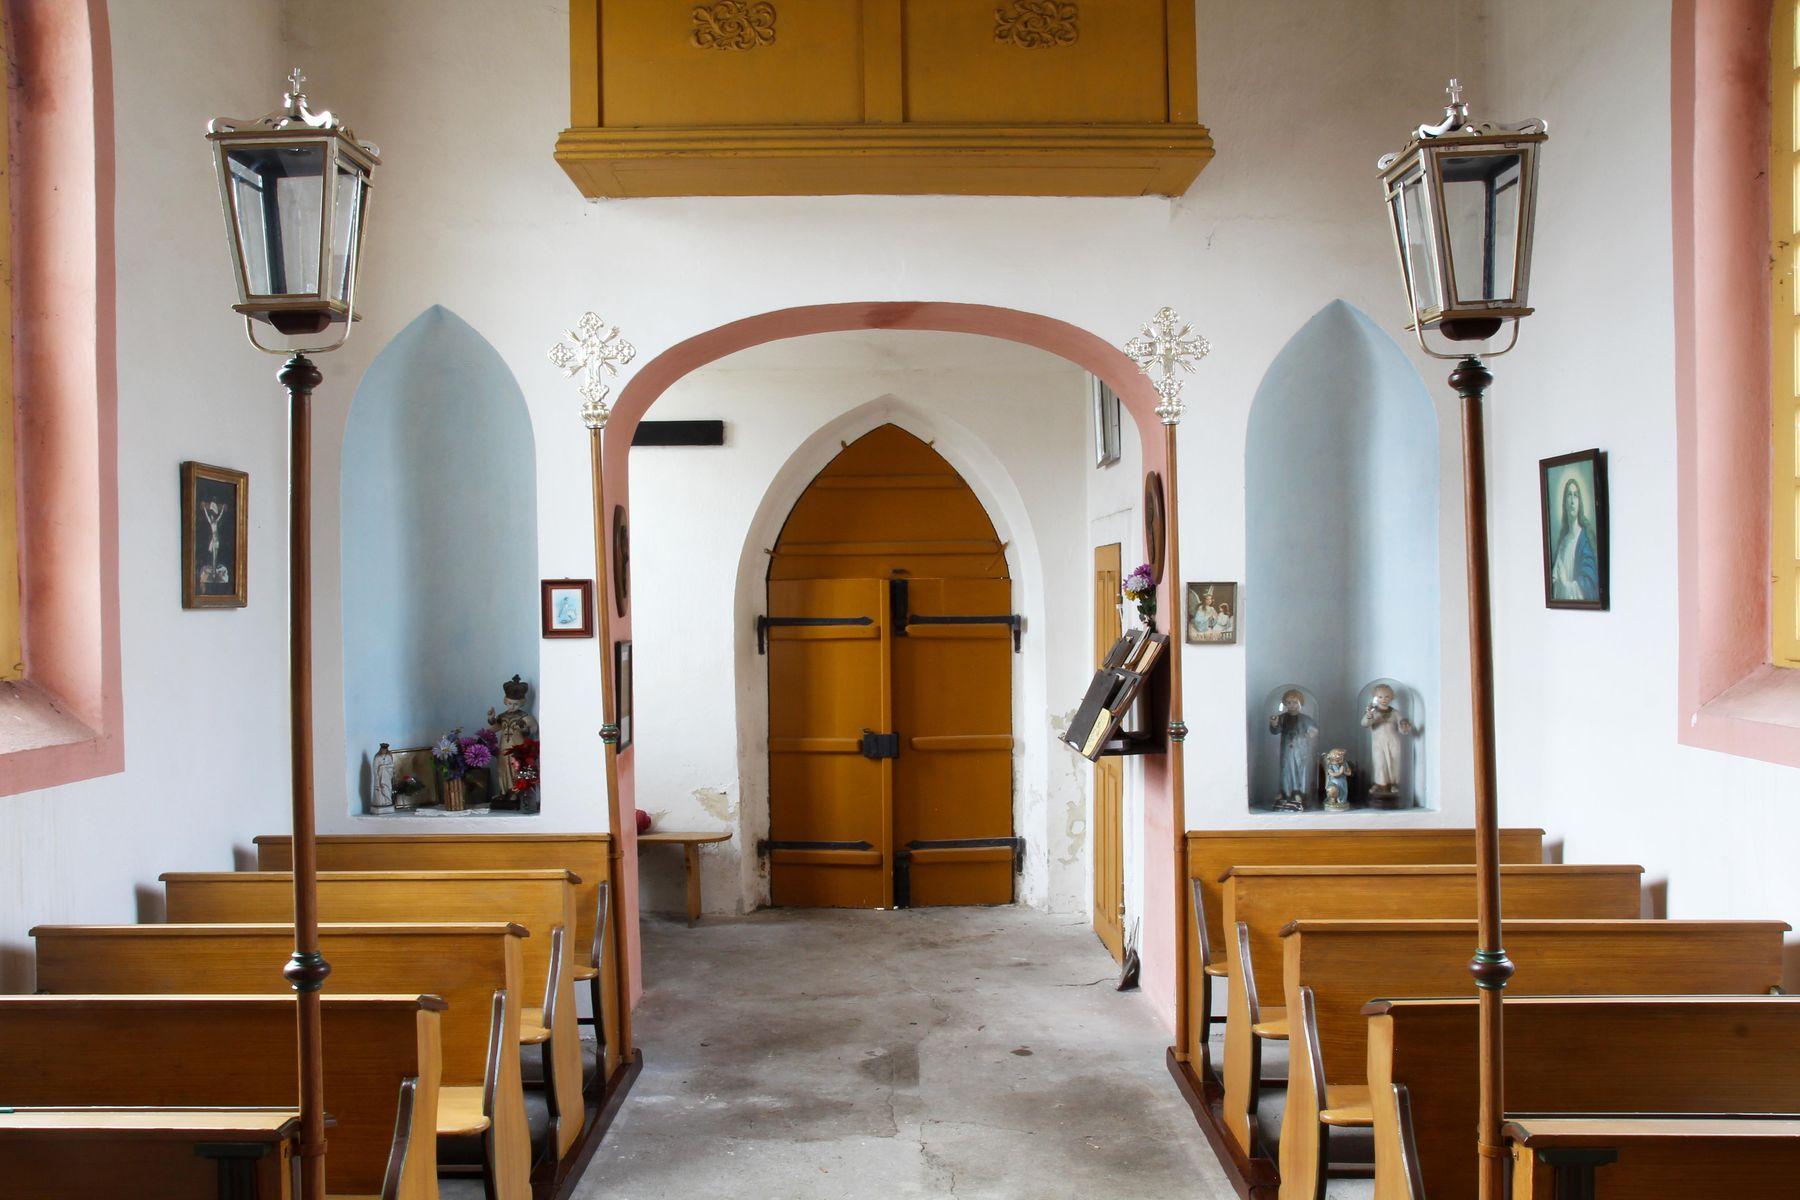 Restaurovali jsme kostelní lavice v kostele sv. Prokopa v Otvovicích - Restaurování kostelní lavice po restaurování 06